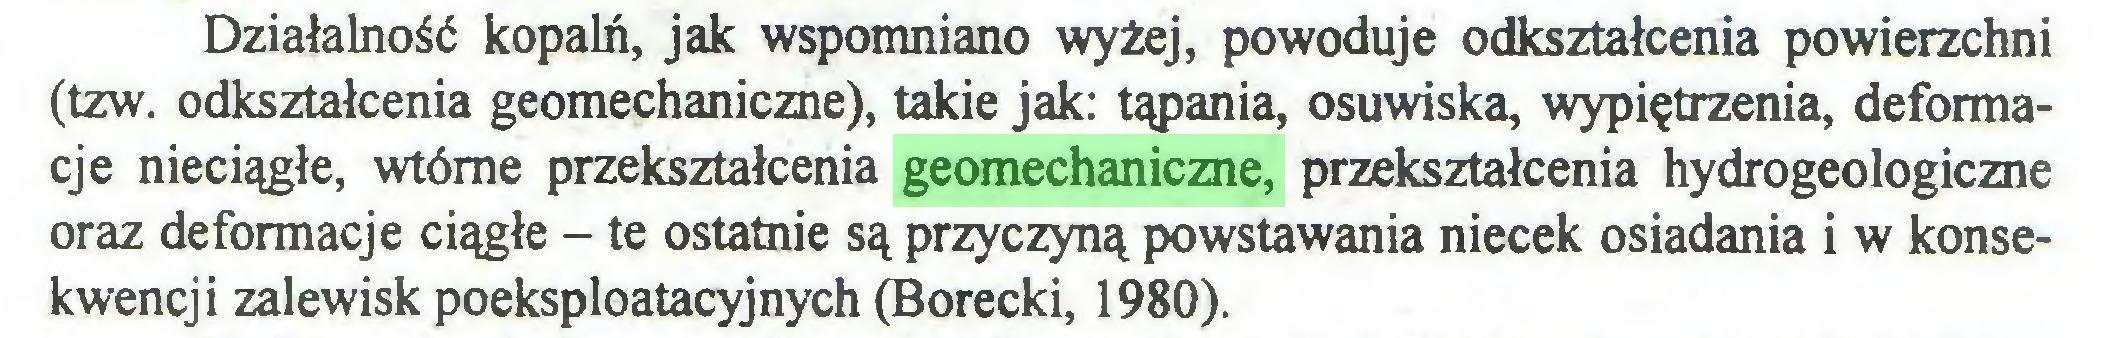 (...) Działalność kopalń, jak wspomniano wyżej, powoduje odkształcenia powierzchni (tzw. odkształcenia geomechaniczne), takie jak: tąpania, osuwiska, wypiętrzenia, deformacje nieciągłe, wtórne przekształcenia geomechaniczne, przekształcenia hydrogeologiczne oraz deformacje ciągłe - te ostatnie są przyczyną powstawania niecek osiadania i w konsekwencji zalewisk poeksploatacyjnych (Borecki, 1980)...